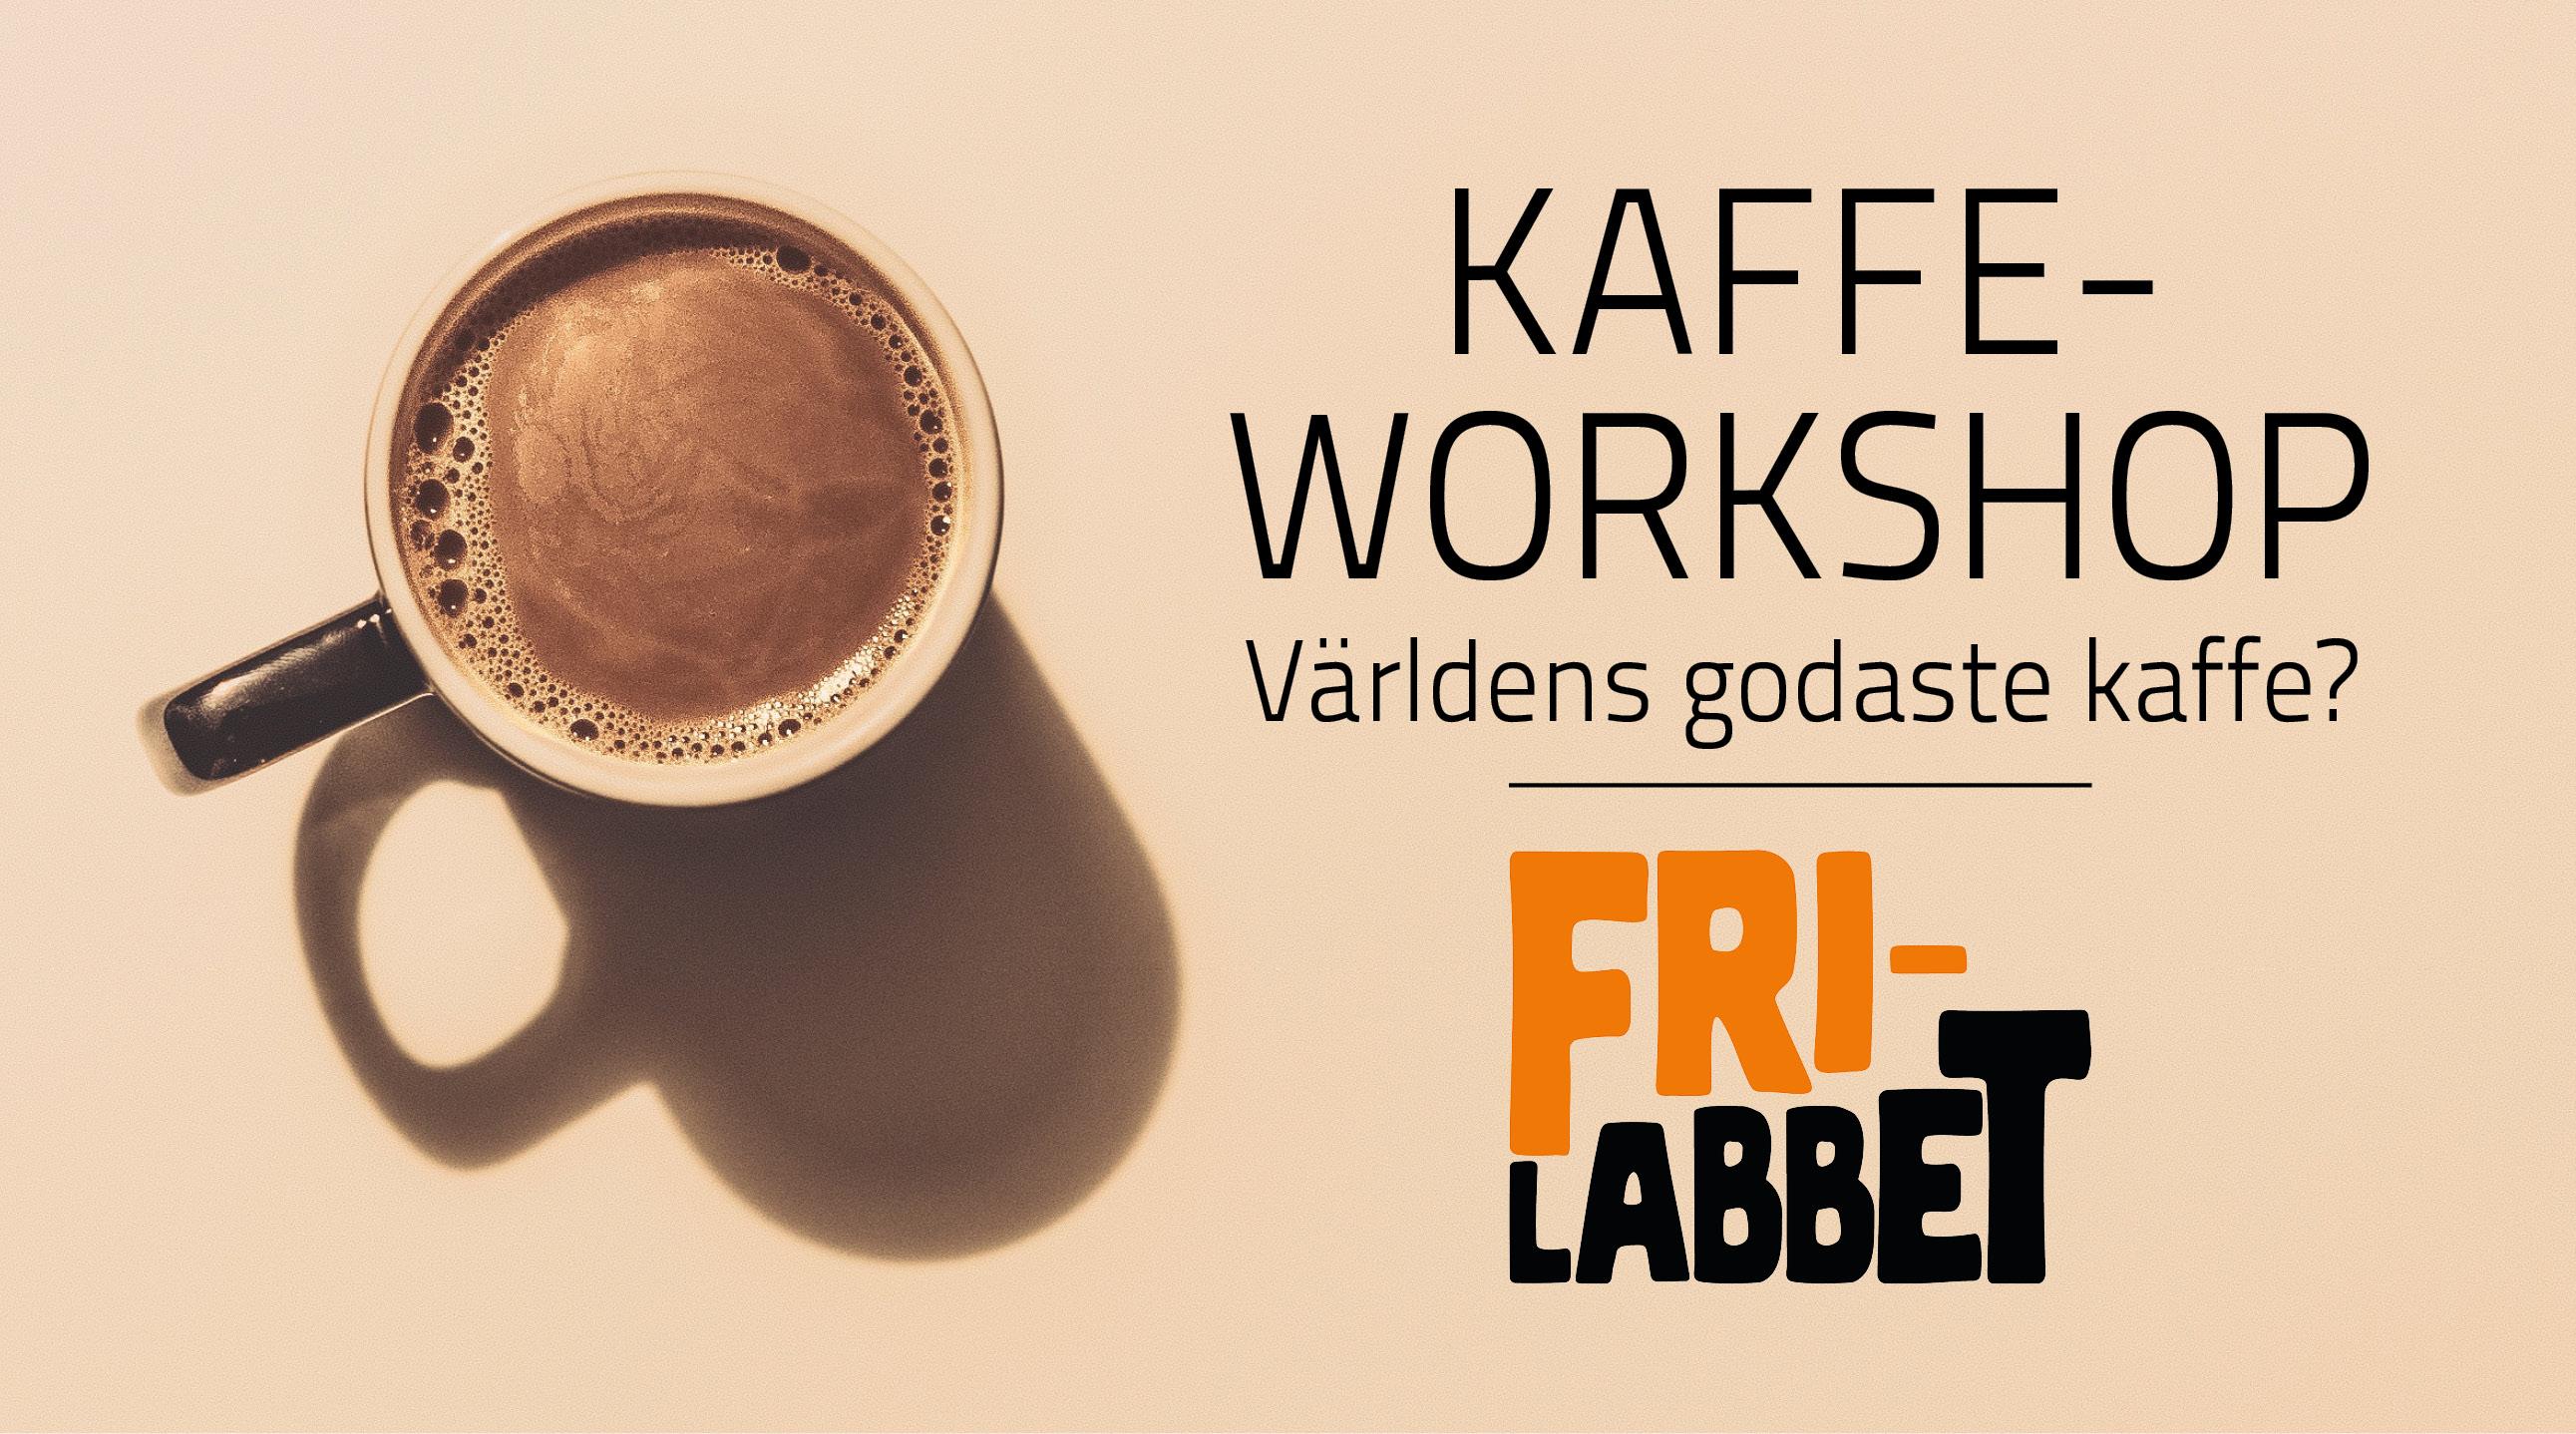 Kaffeworkshop: Världens godaste kaffe?